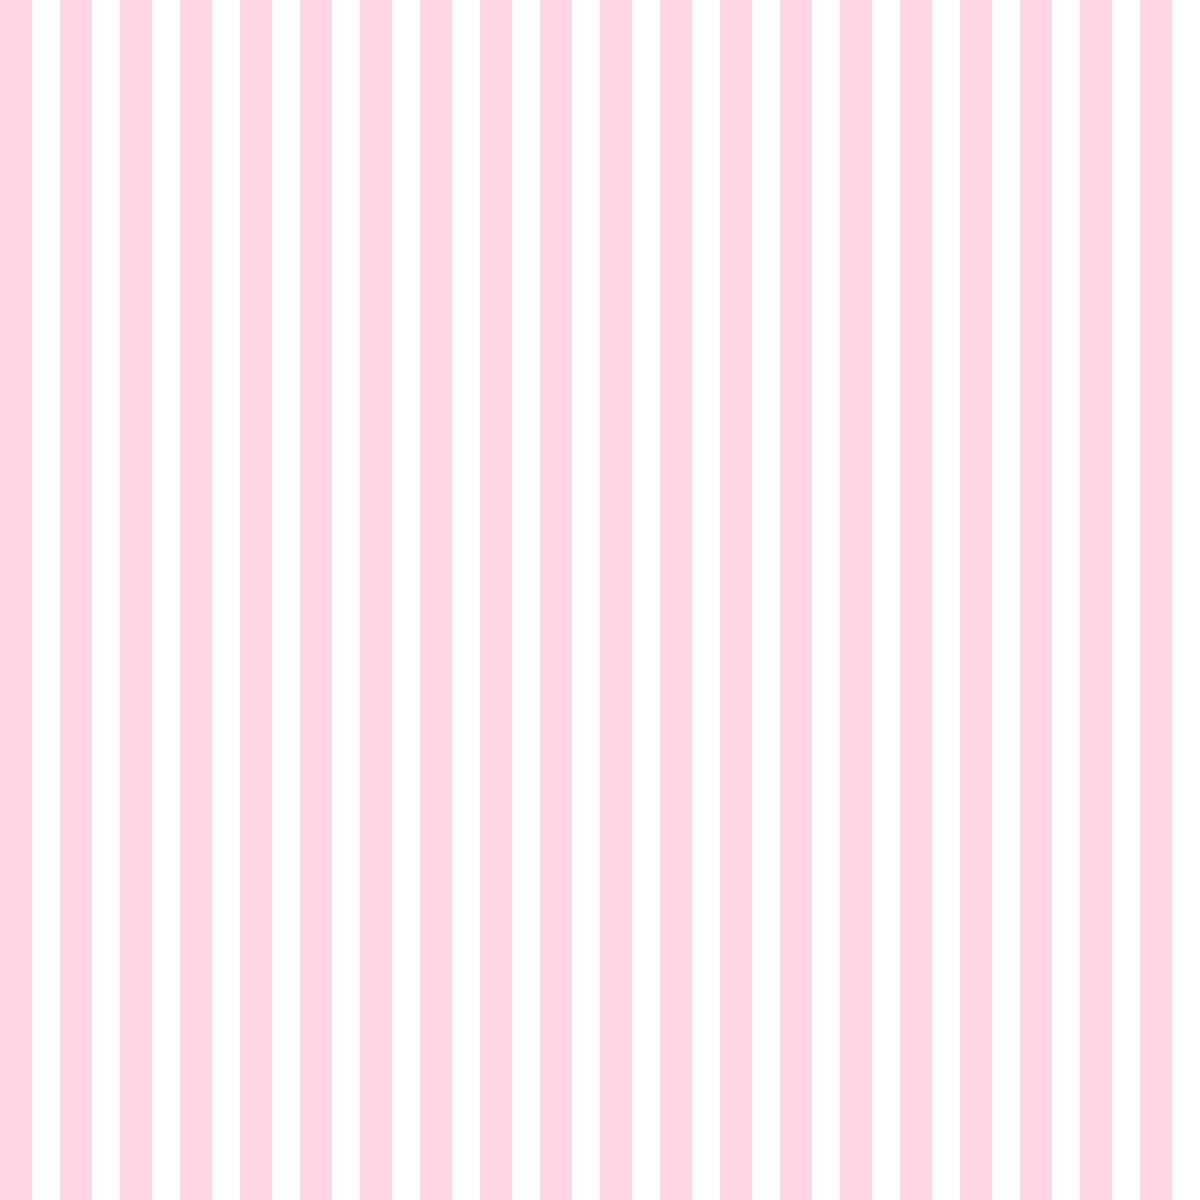 Free digital striped scrapbooking paper  ausdruckbares Geschenkpapier  freebie  MeinLilaPark